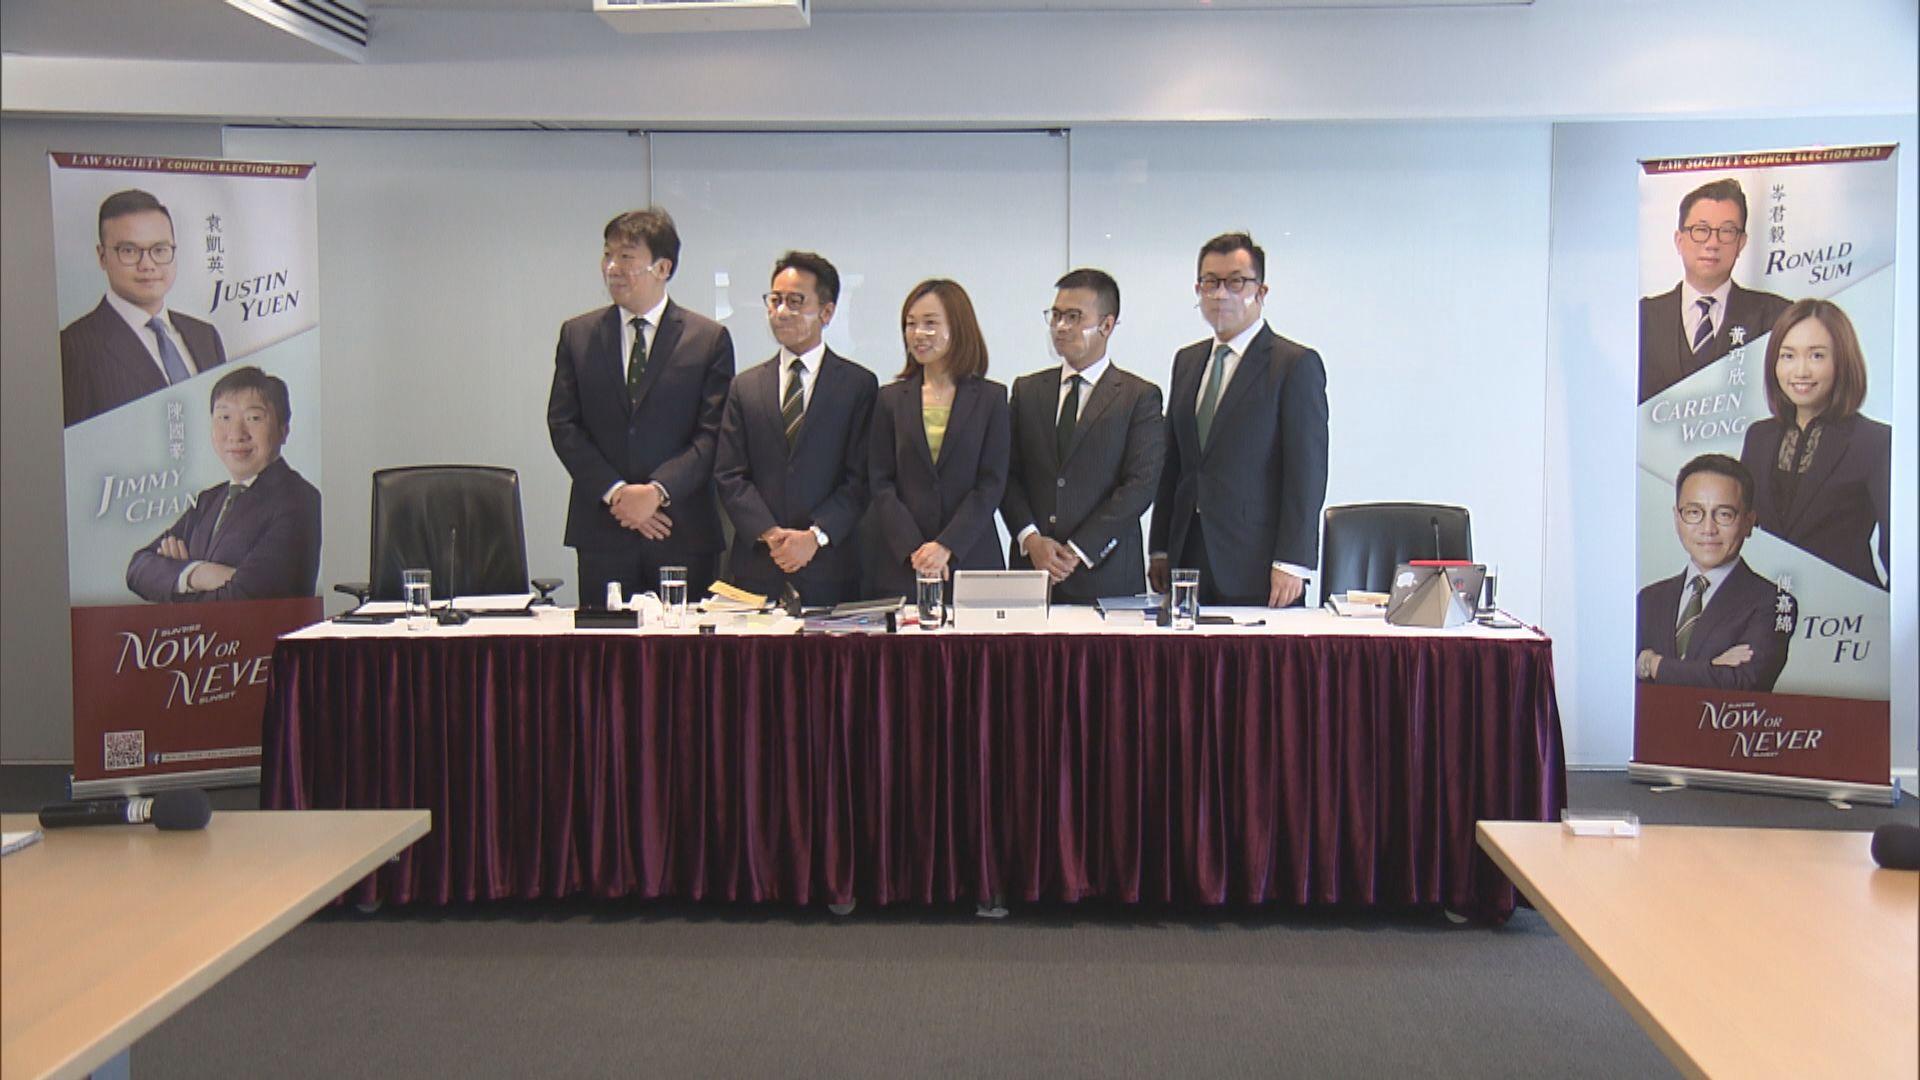 律師會下月底改選 理事黃巧欣爭連任組五人名單